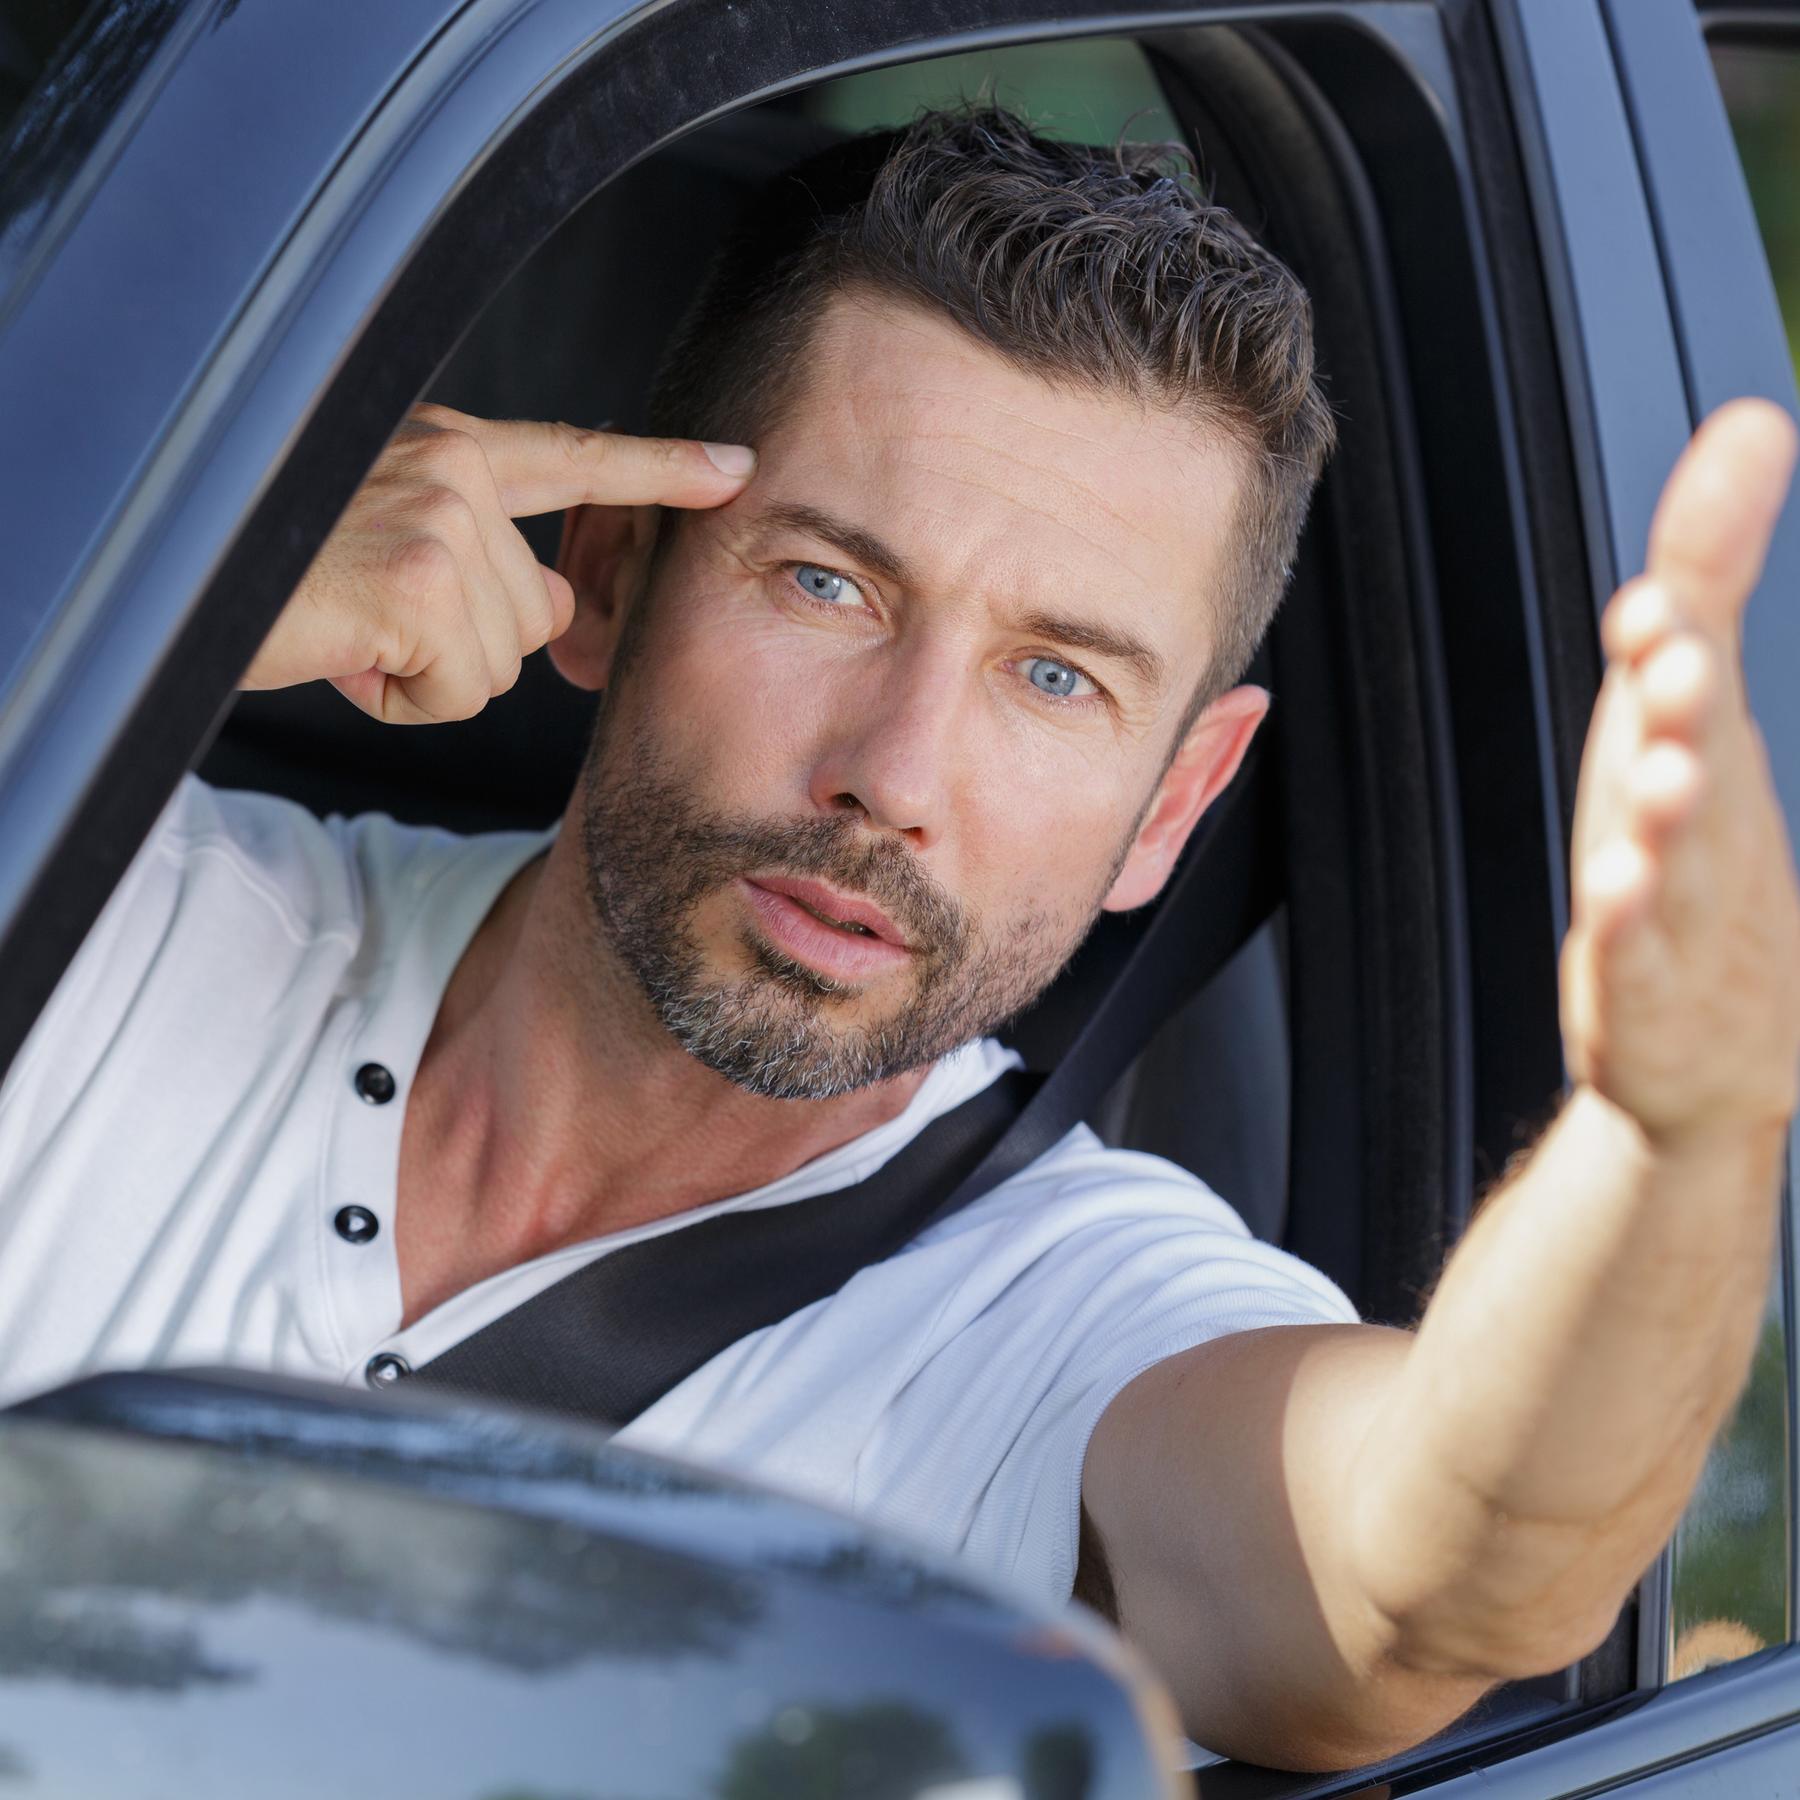 Moral im Straßenverkehr - Das Recht des Stärkeren?